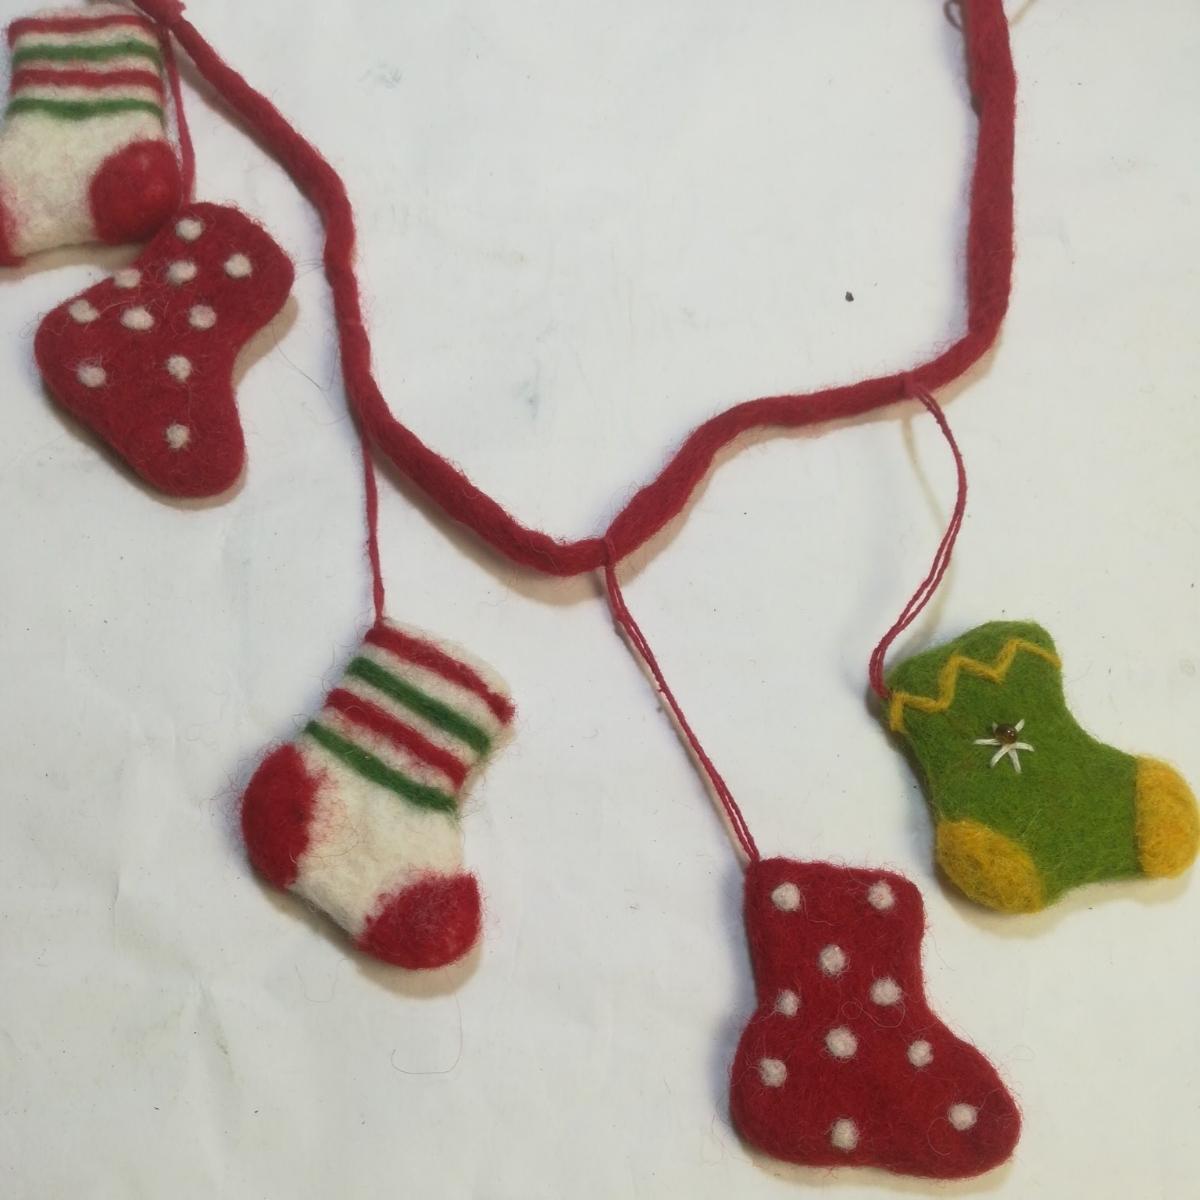 新品ハンドメイド フエルト100%クリスマスオーナメントハンギング メリーMERRY CHRISTMAS 長さ100ソックス6cmツリープレゼント値下げセール_画像6